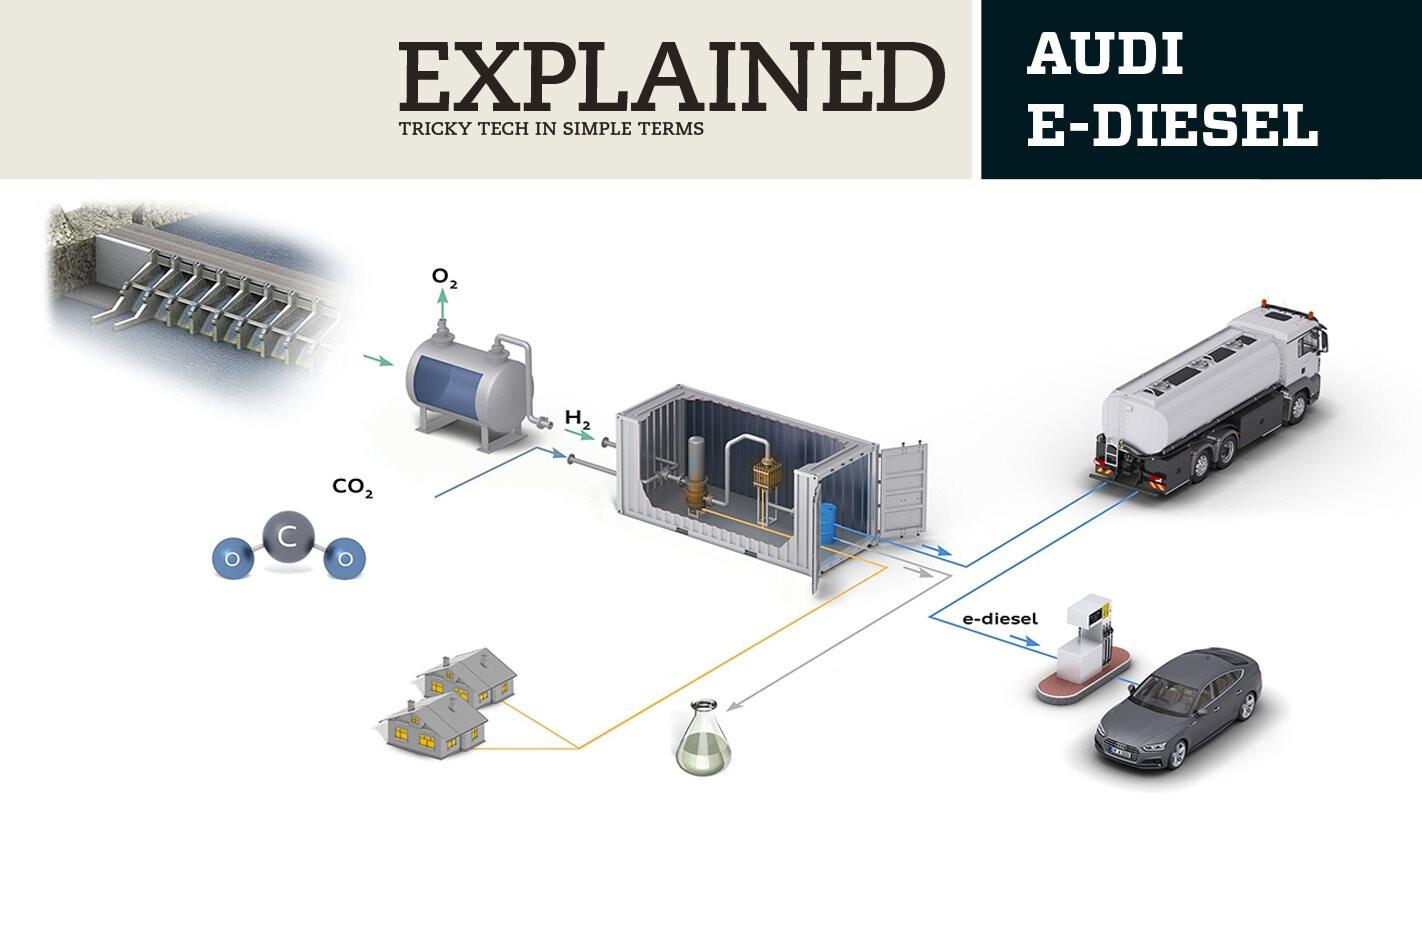 Explained Audi E-Diesel